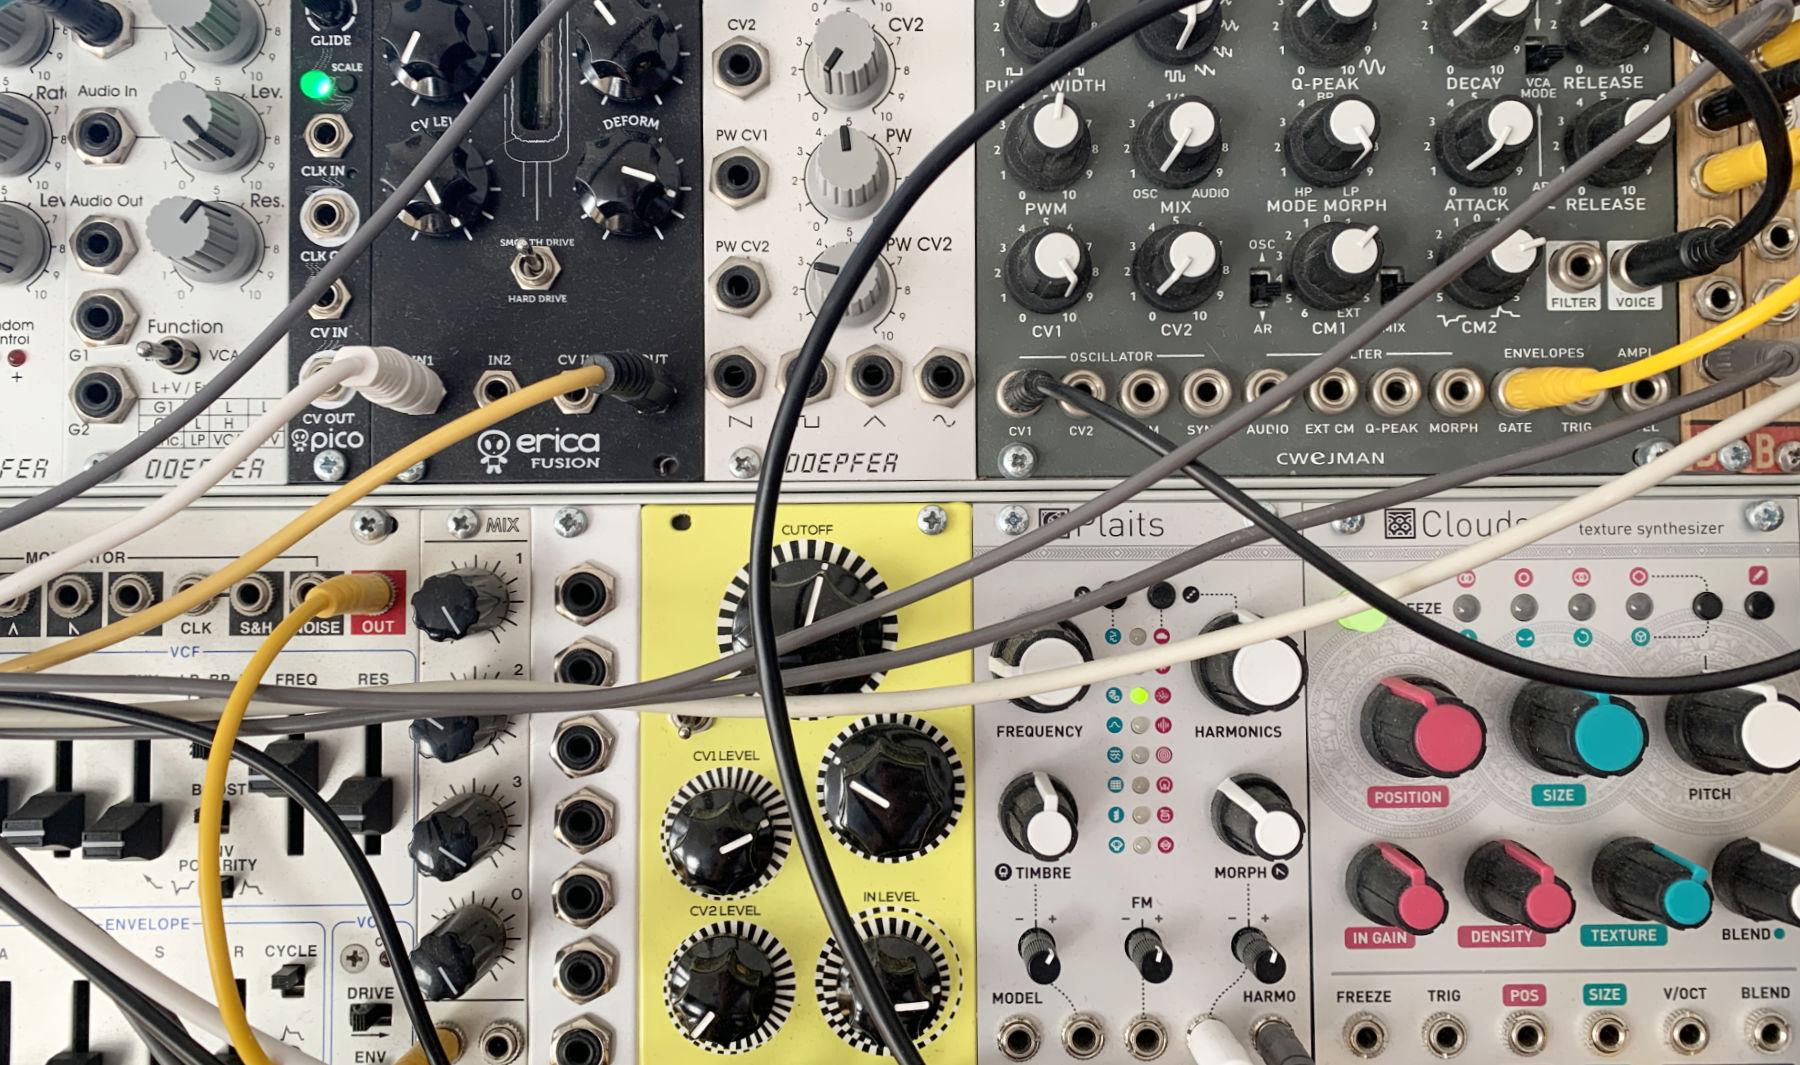 Modular System zusammenstellen. Das sind die ersten Schritte